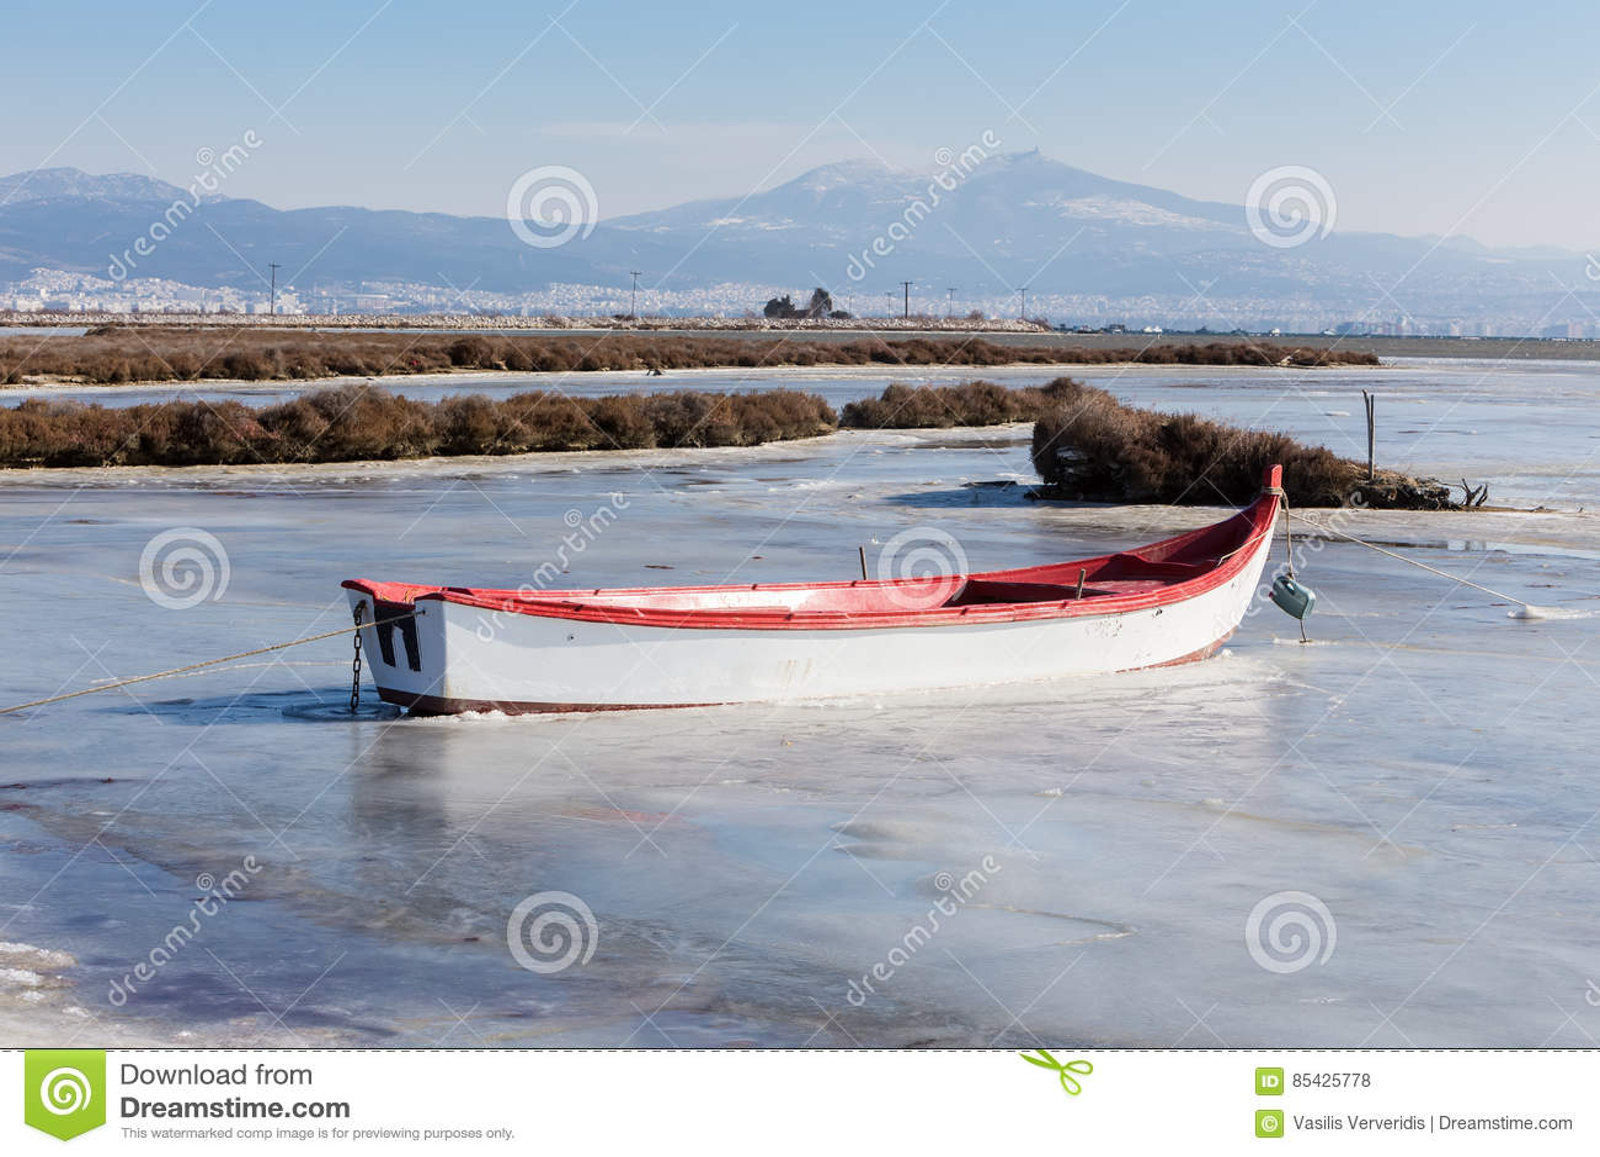 Παγωμένη λιμνοθάλασσα στη βόρεια Ελλάδα